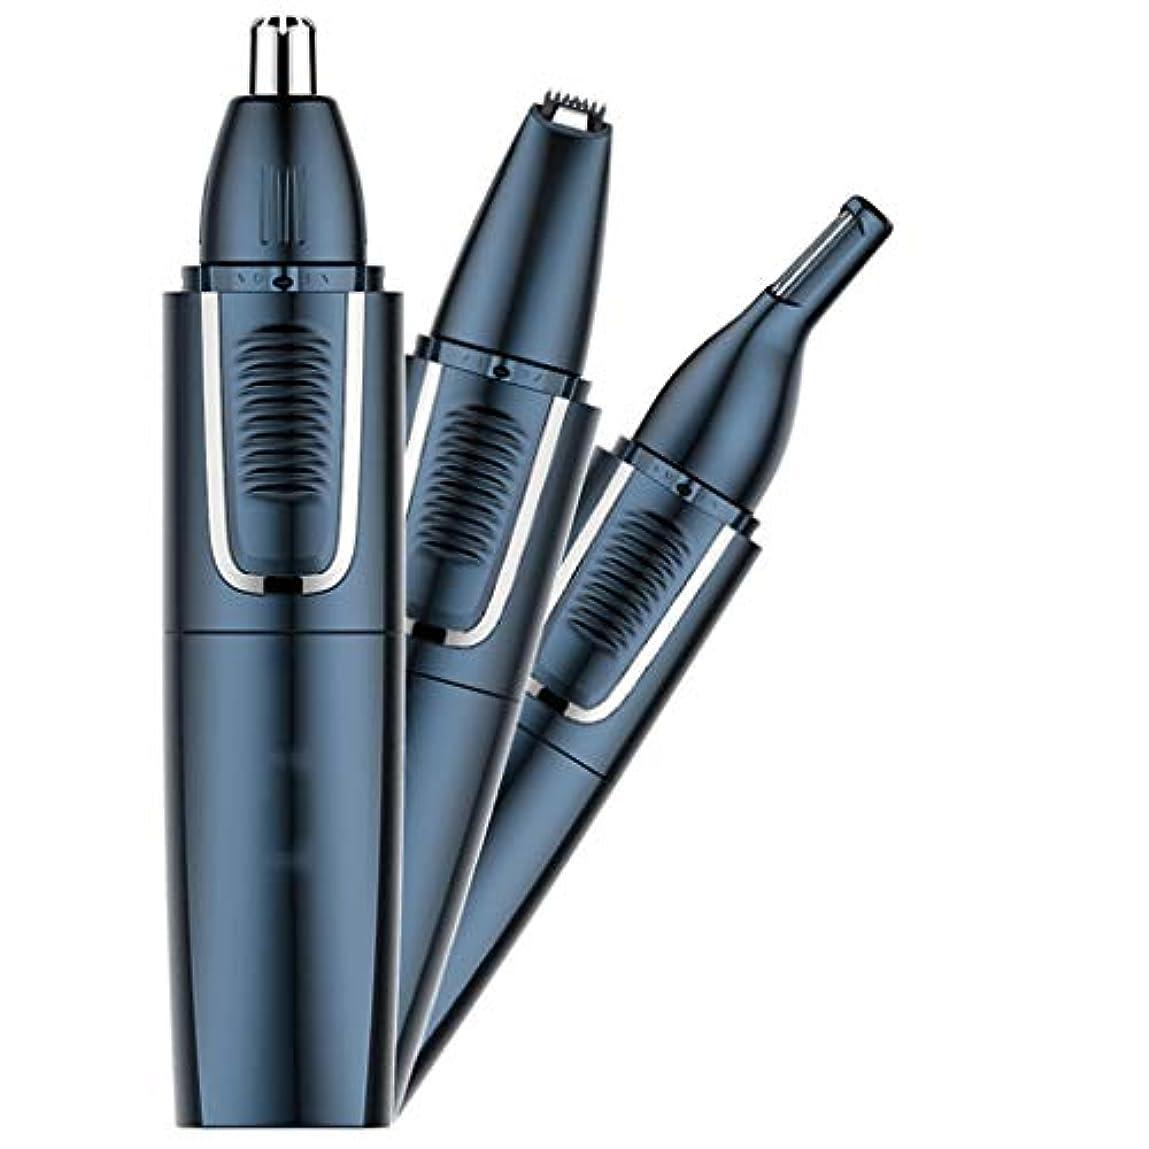 モロニック超えて慎重多機能シェーバー、男性用電気鼻毛、女性用充電式眉毛シェーピングナイフ、あらゆる肌タイプに適しています